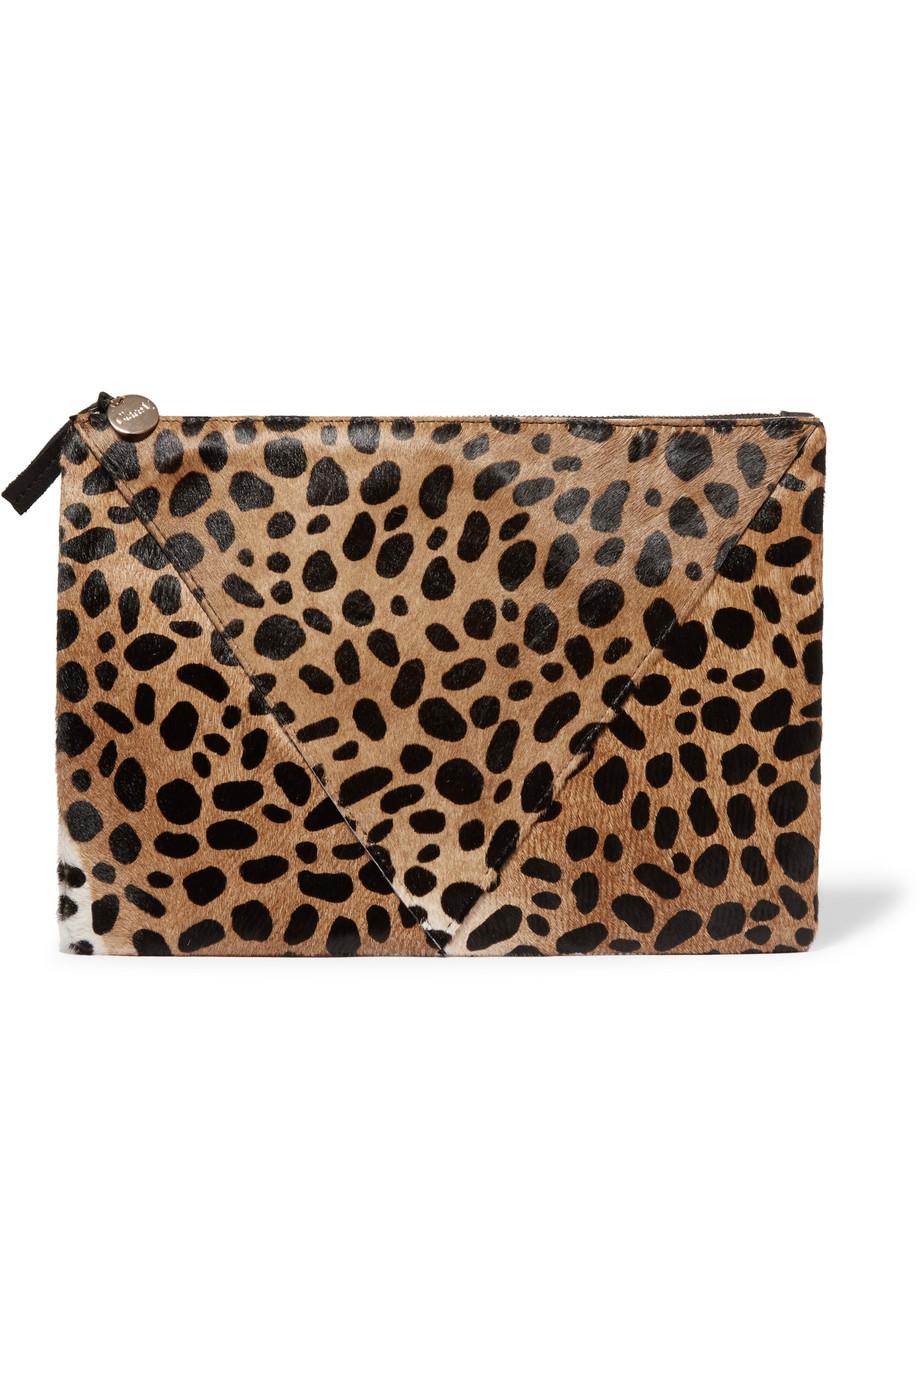 Clare V Patchwork Leopard-Print Calf Hair Clutch, Leopard Print, Women's